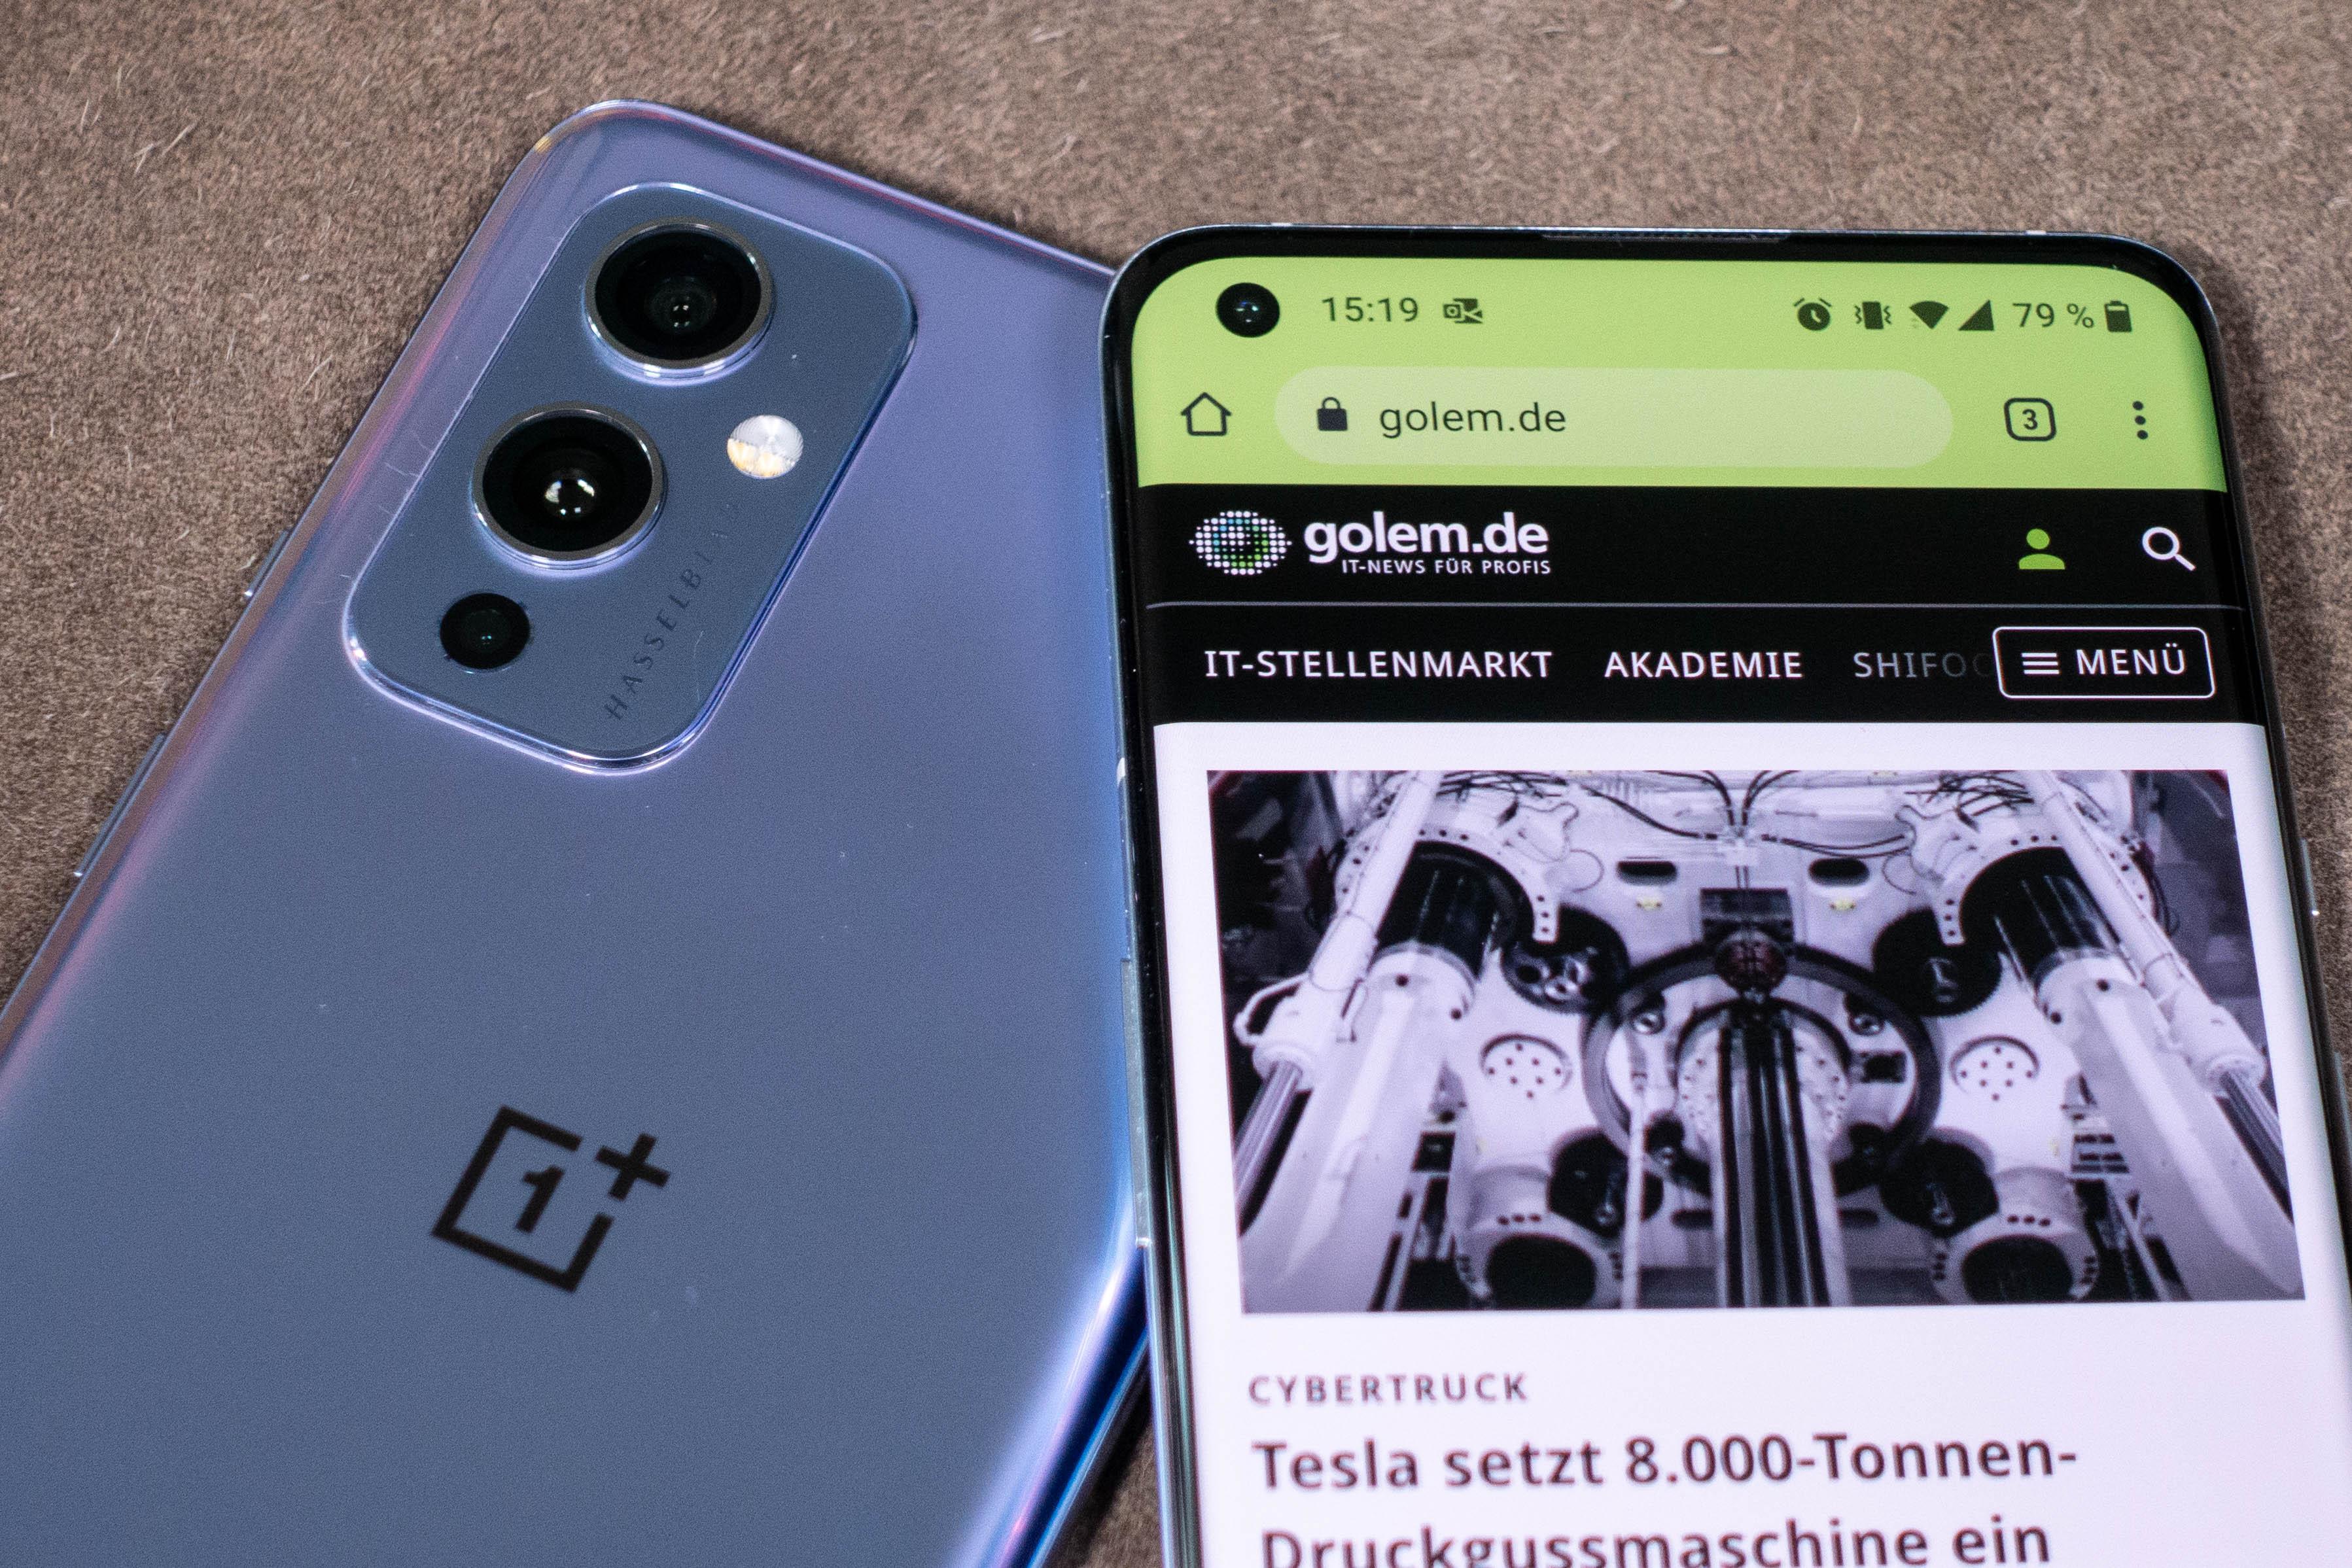 Oneplus 9 und 9 Pro im Test: Oneplus bringt viel Smartphone für 700 Euro -